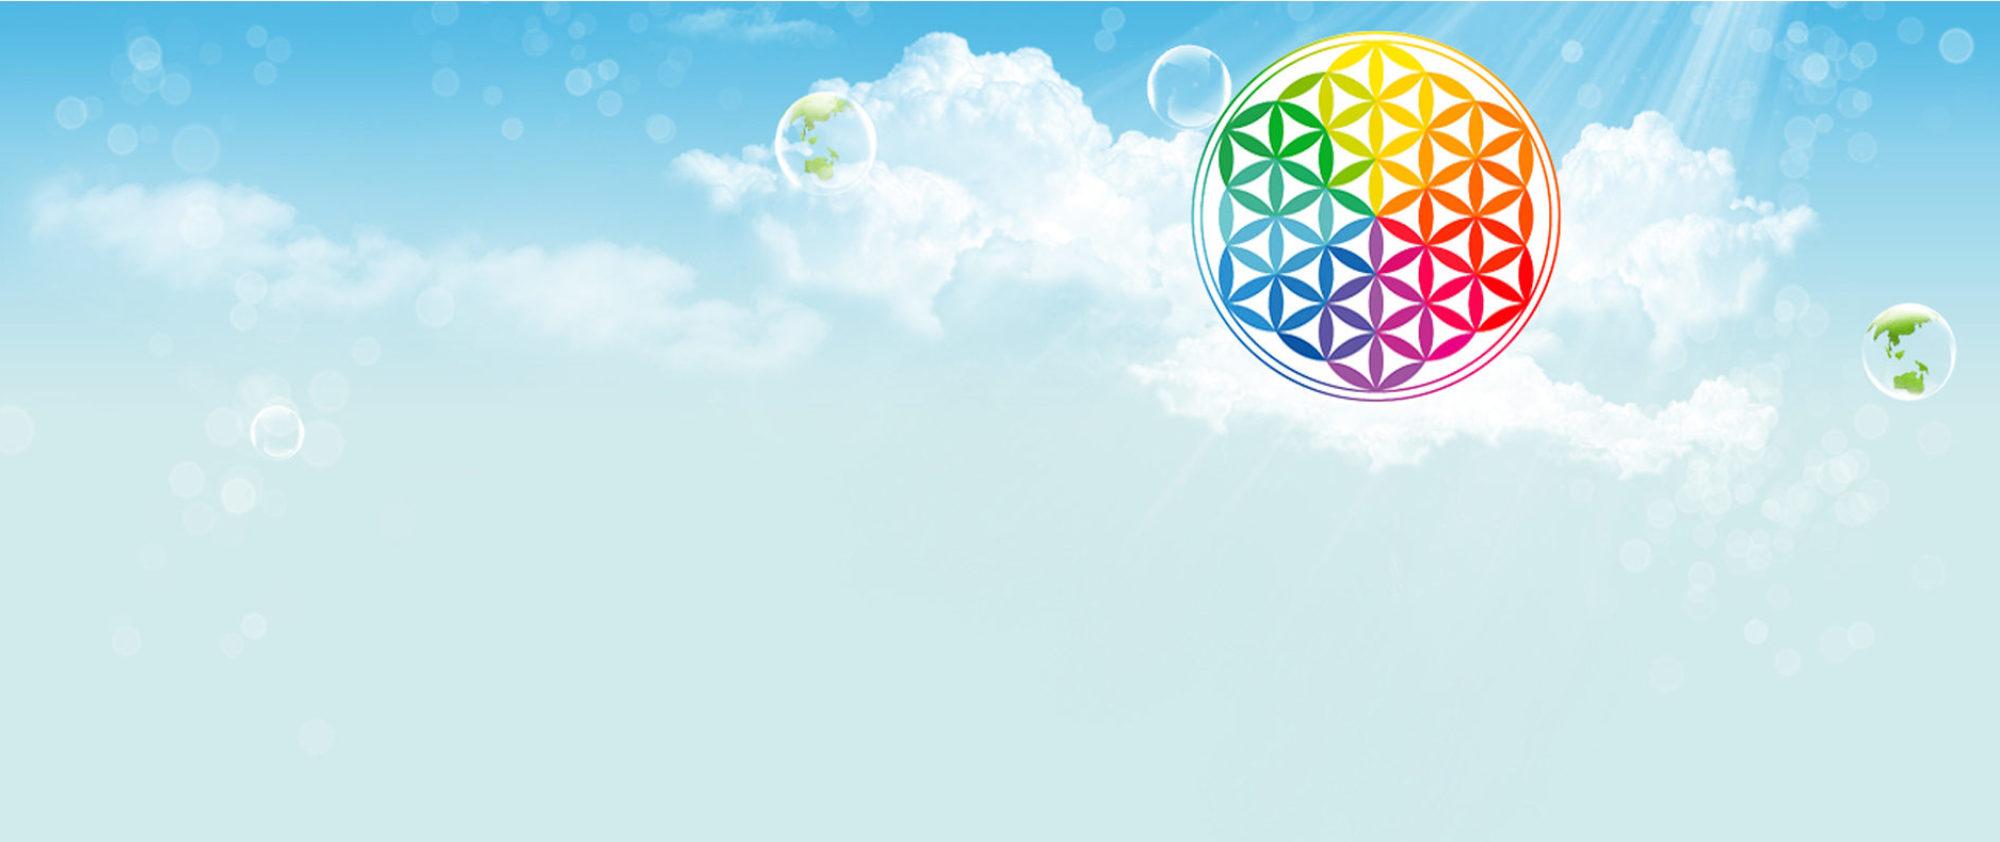 """Центр самопознания, оздоровления и духовного развития Романа Лаврик """"Синтез знаний"""""""